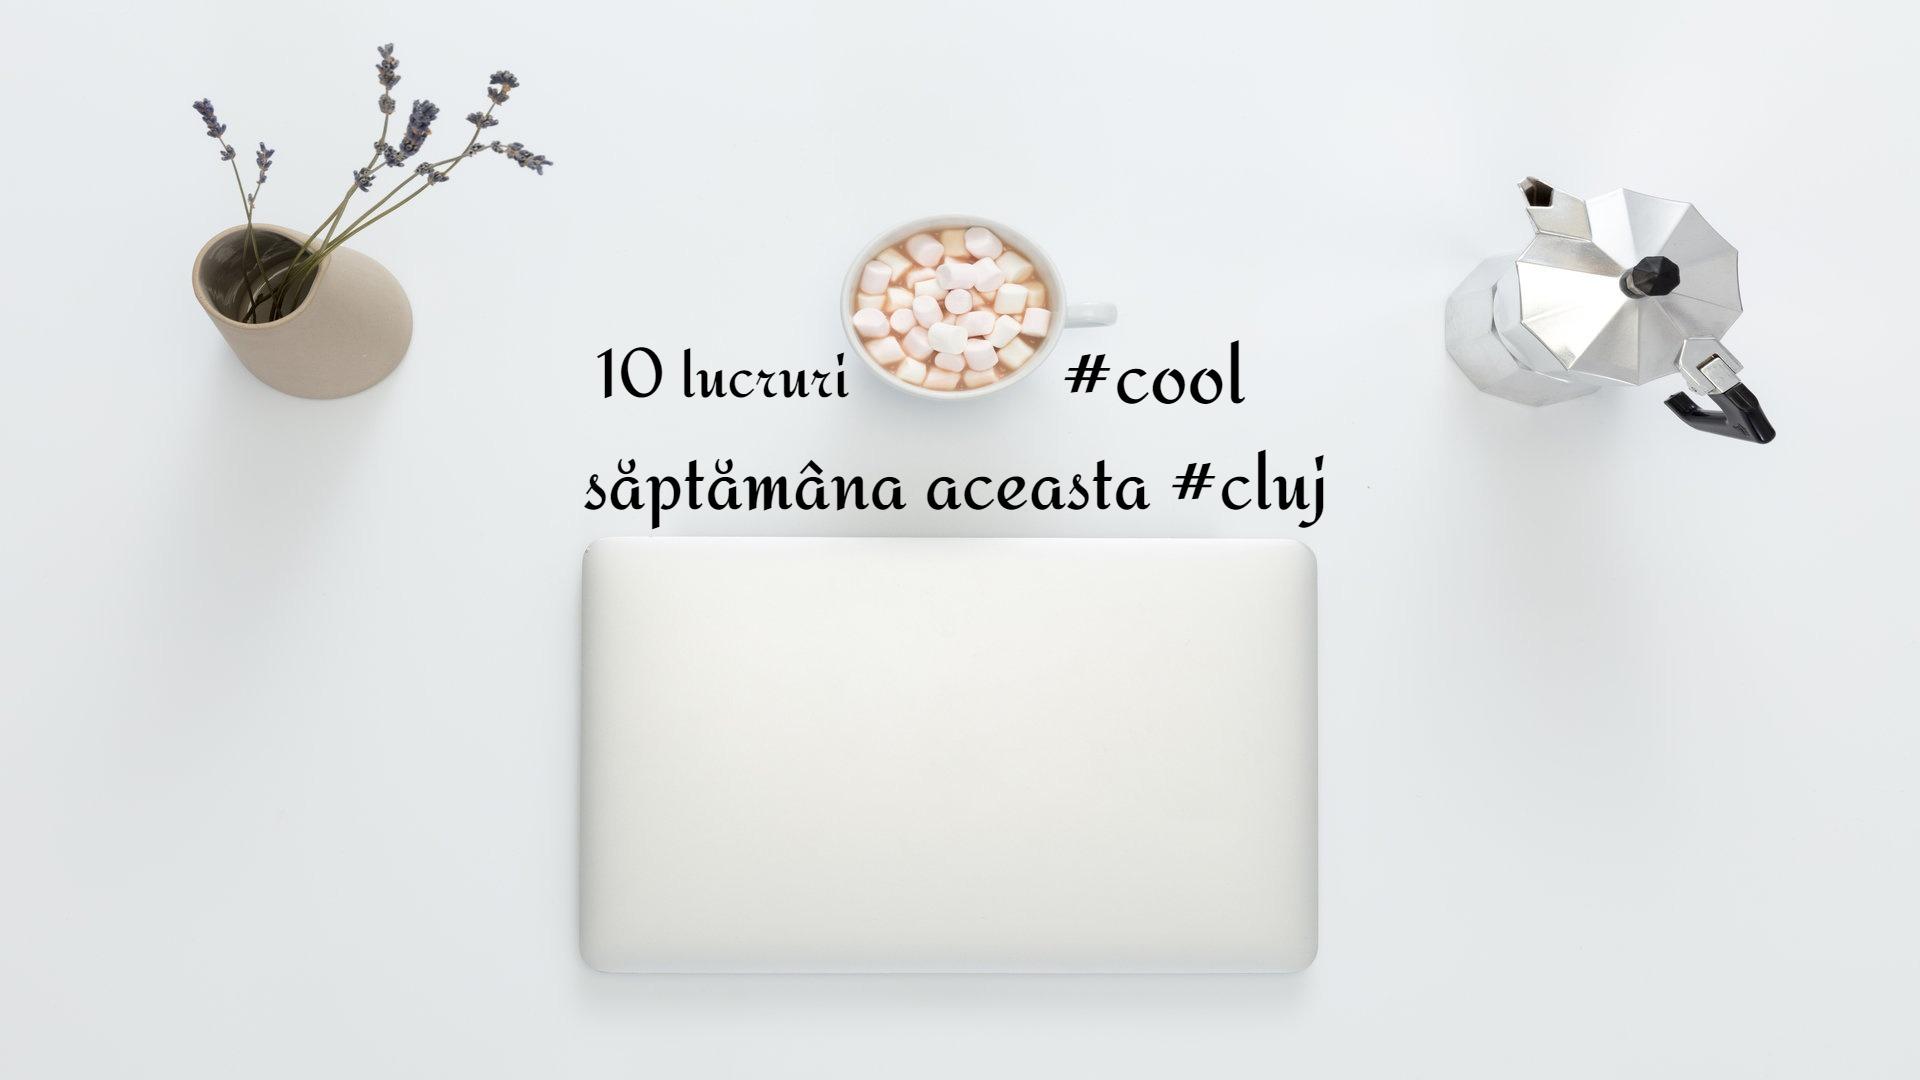 10 lucruri #cool care se întâmplă săptămâna aceasta în Cluj